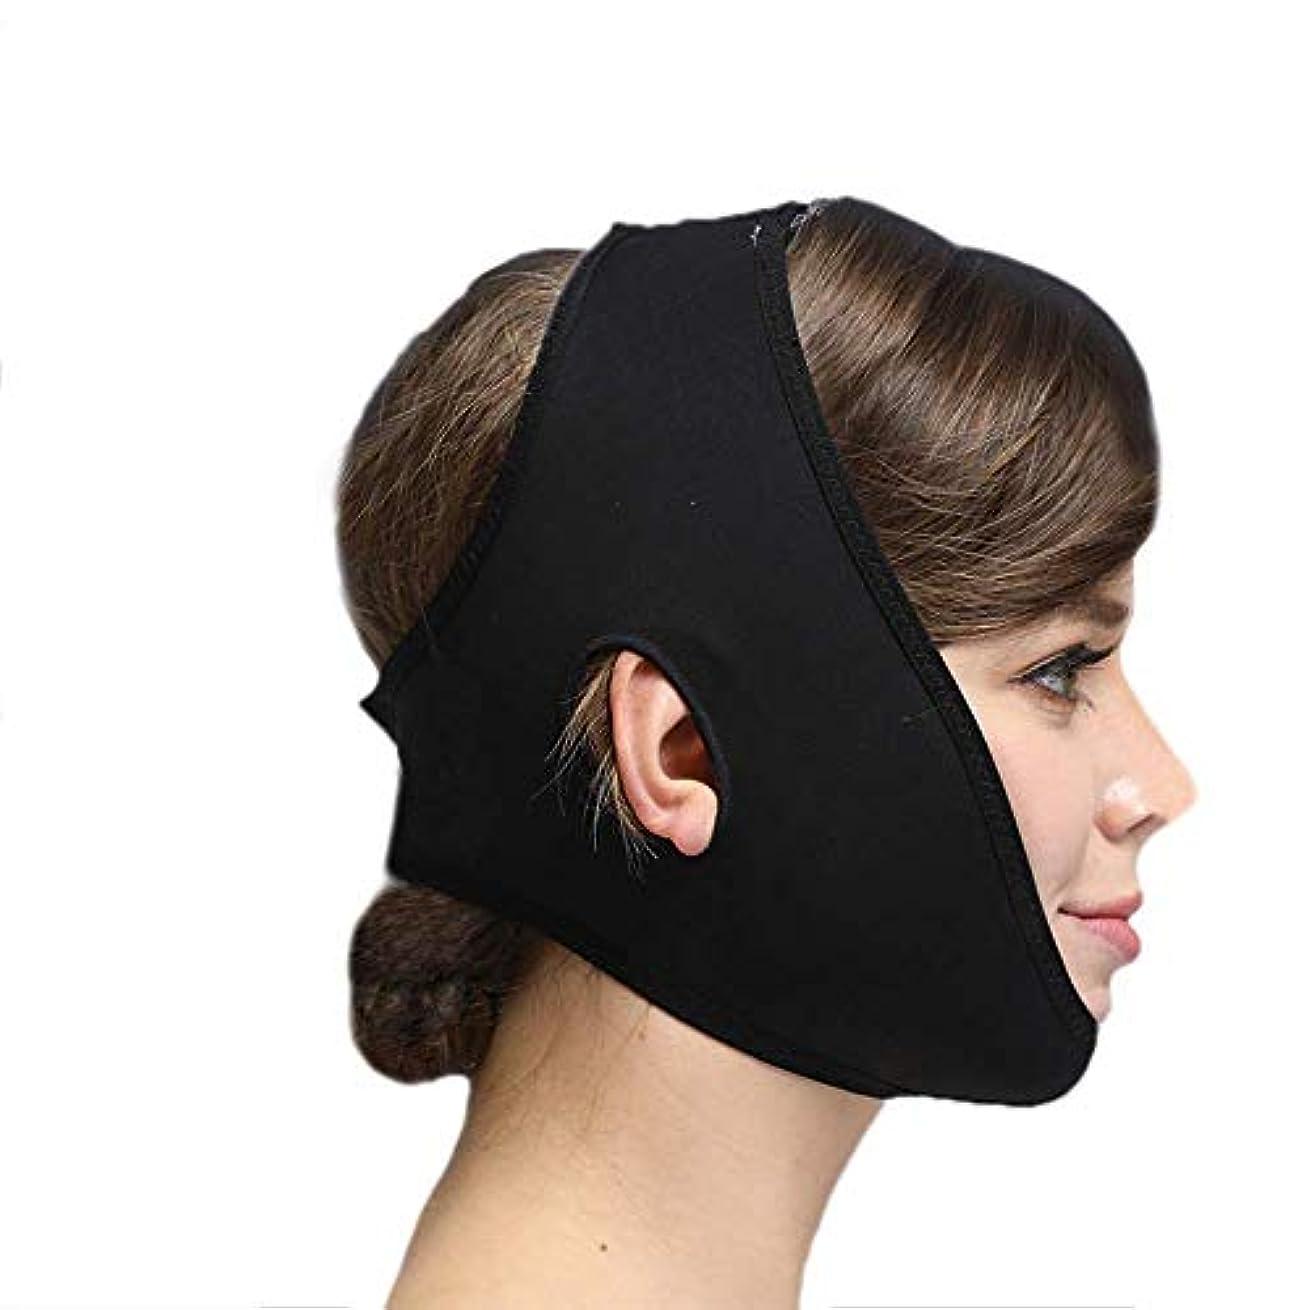 シード爆発する意見フェイススリミングマスク、快適さと通気性、フェイシャルリフティング、輪郭の改善された硬さ、ファーミングとリフティングフェイス(カラー:ブラック、サイズ:XL),ブラック2、L